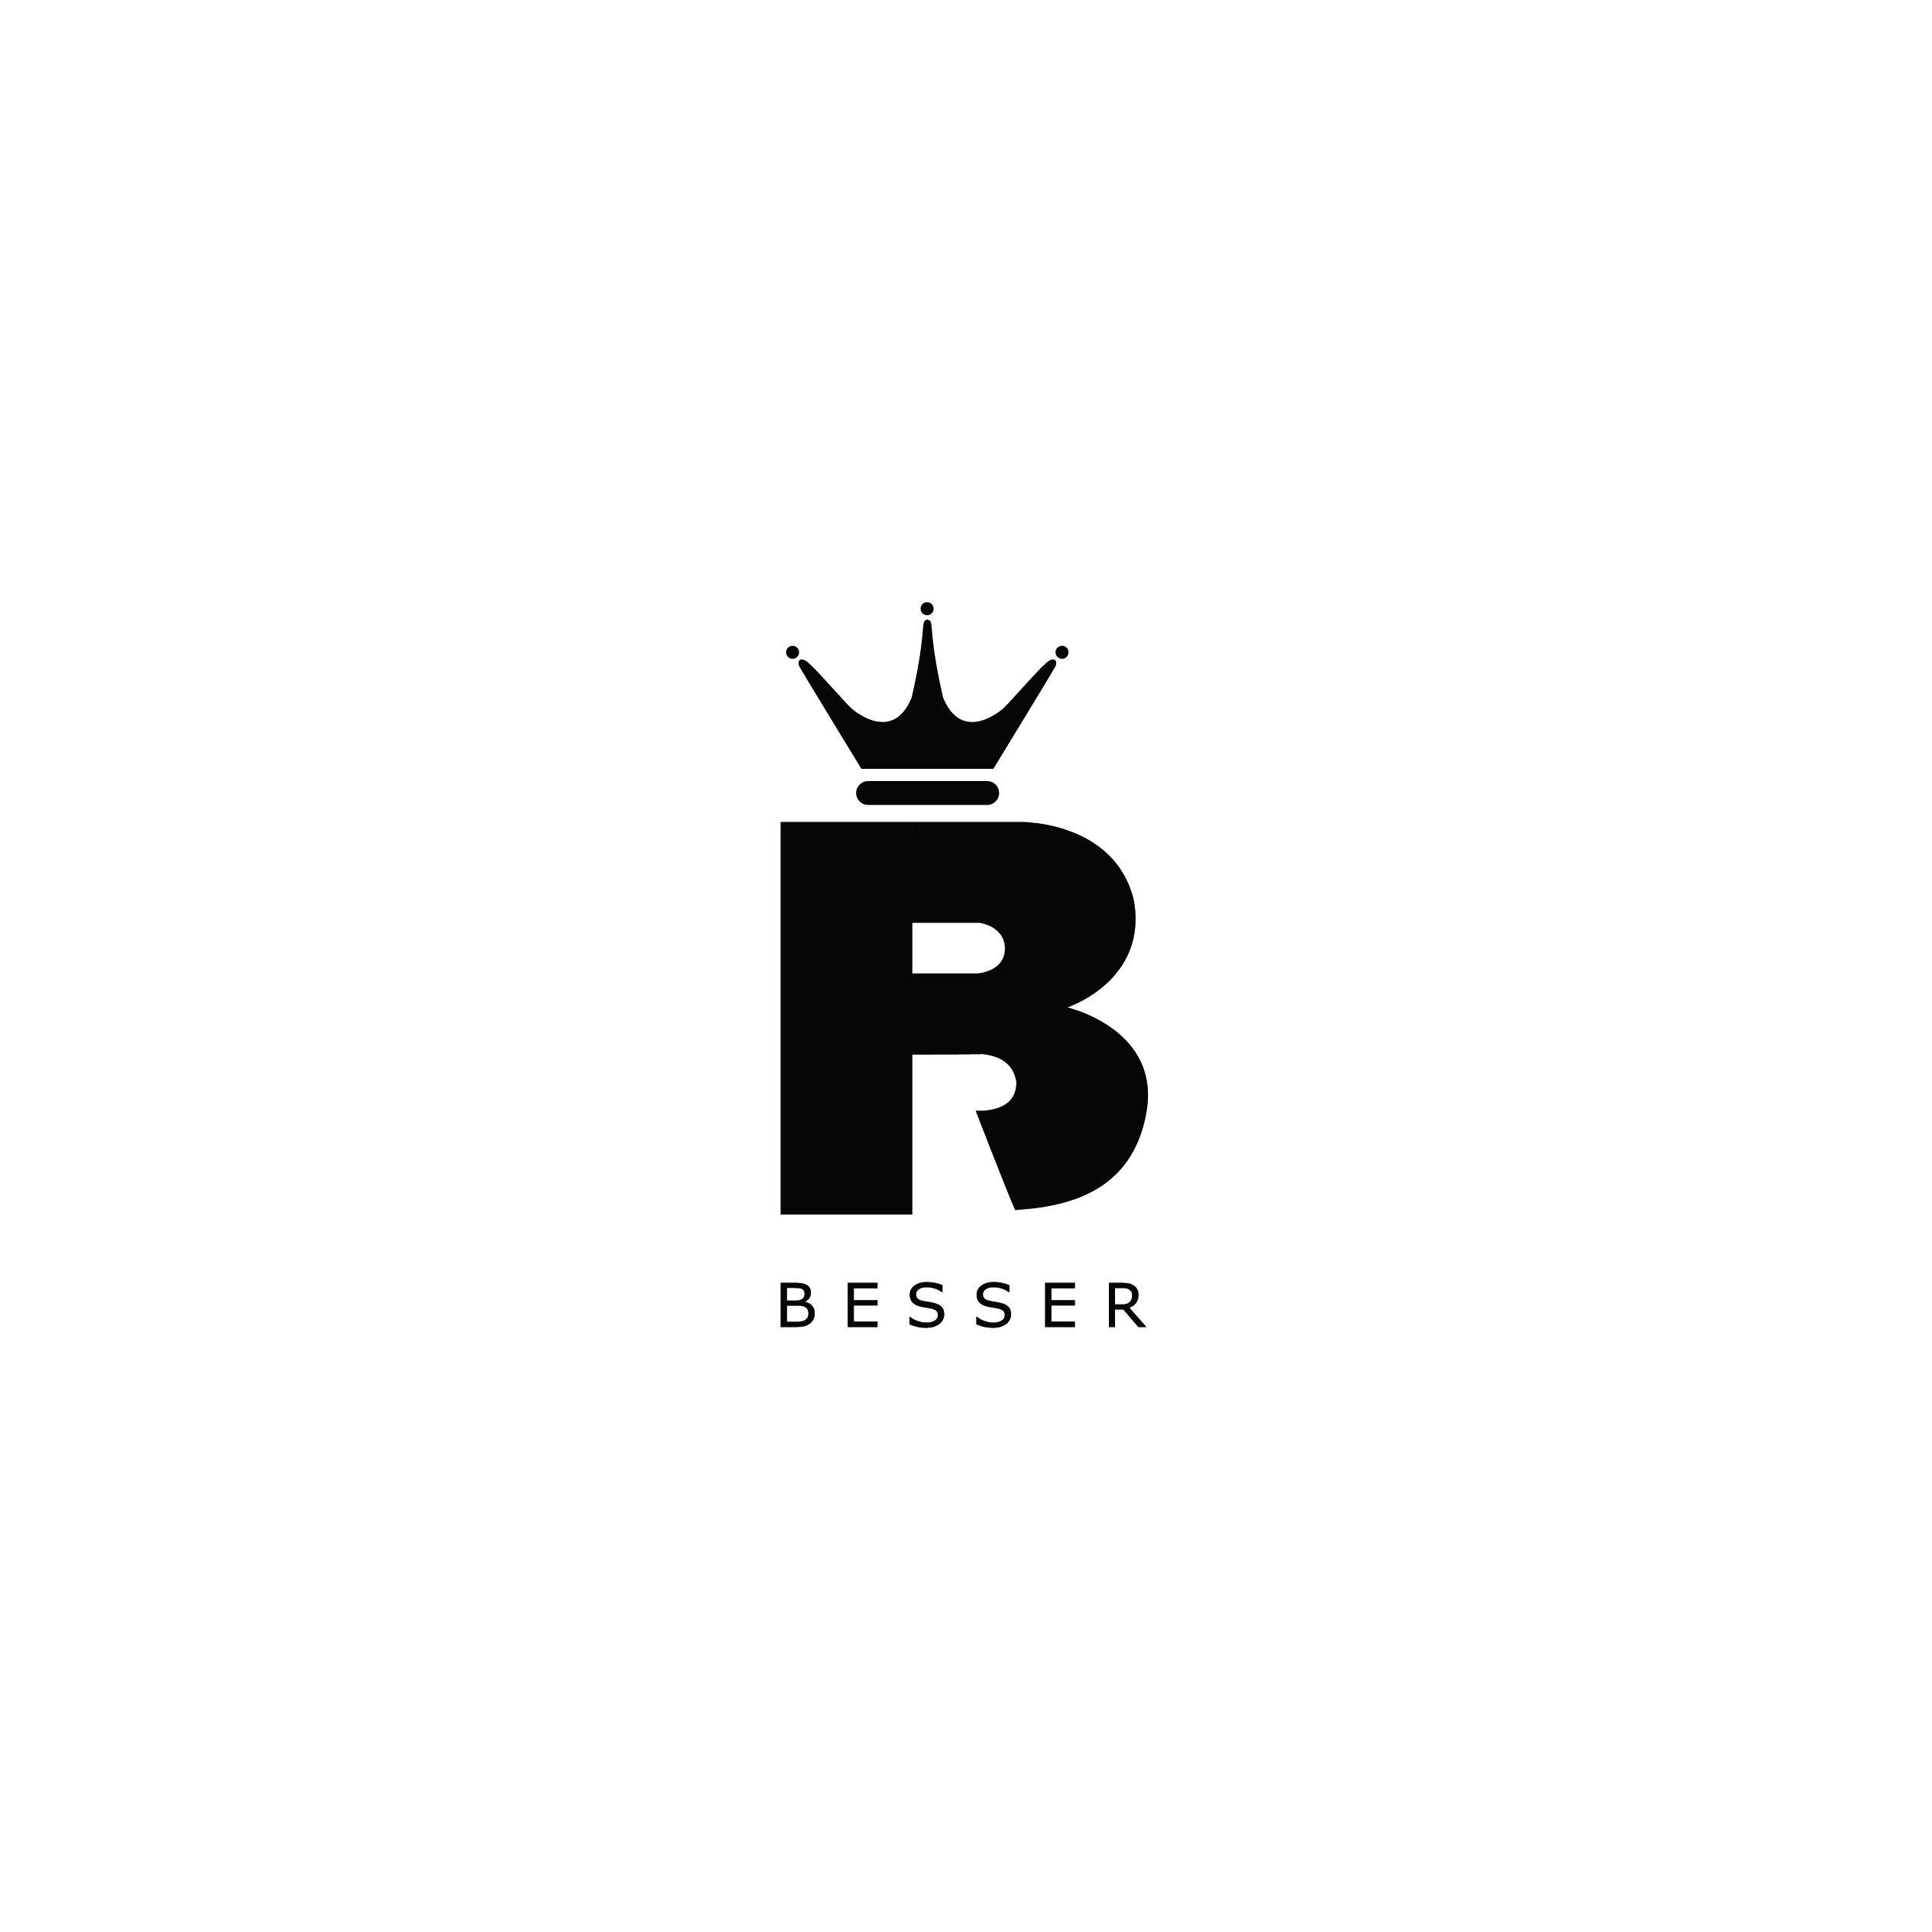 Логотип для тюнинг-ателье BESSER - дизайнер Kapitane